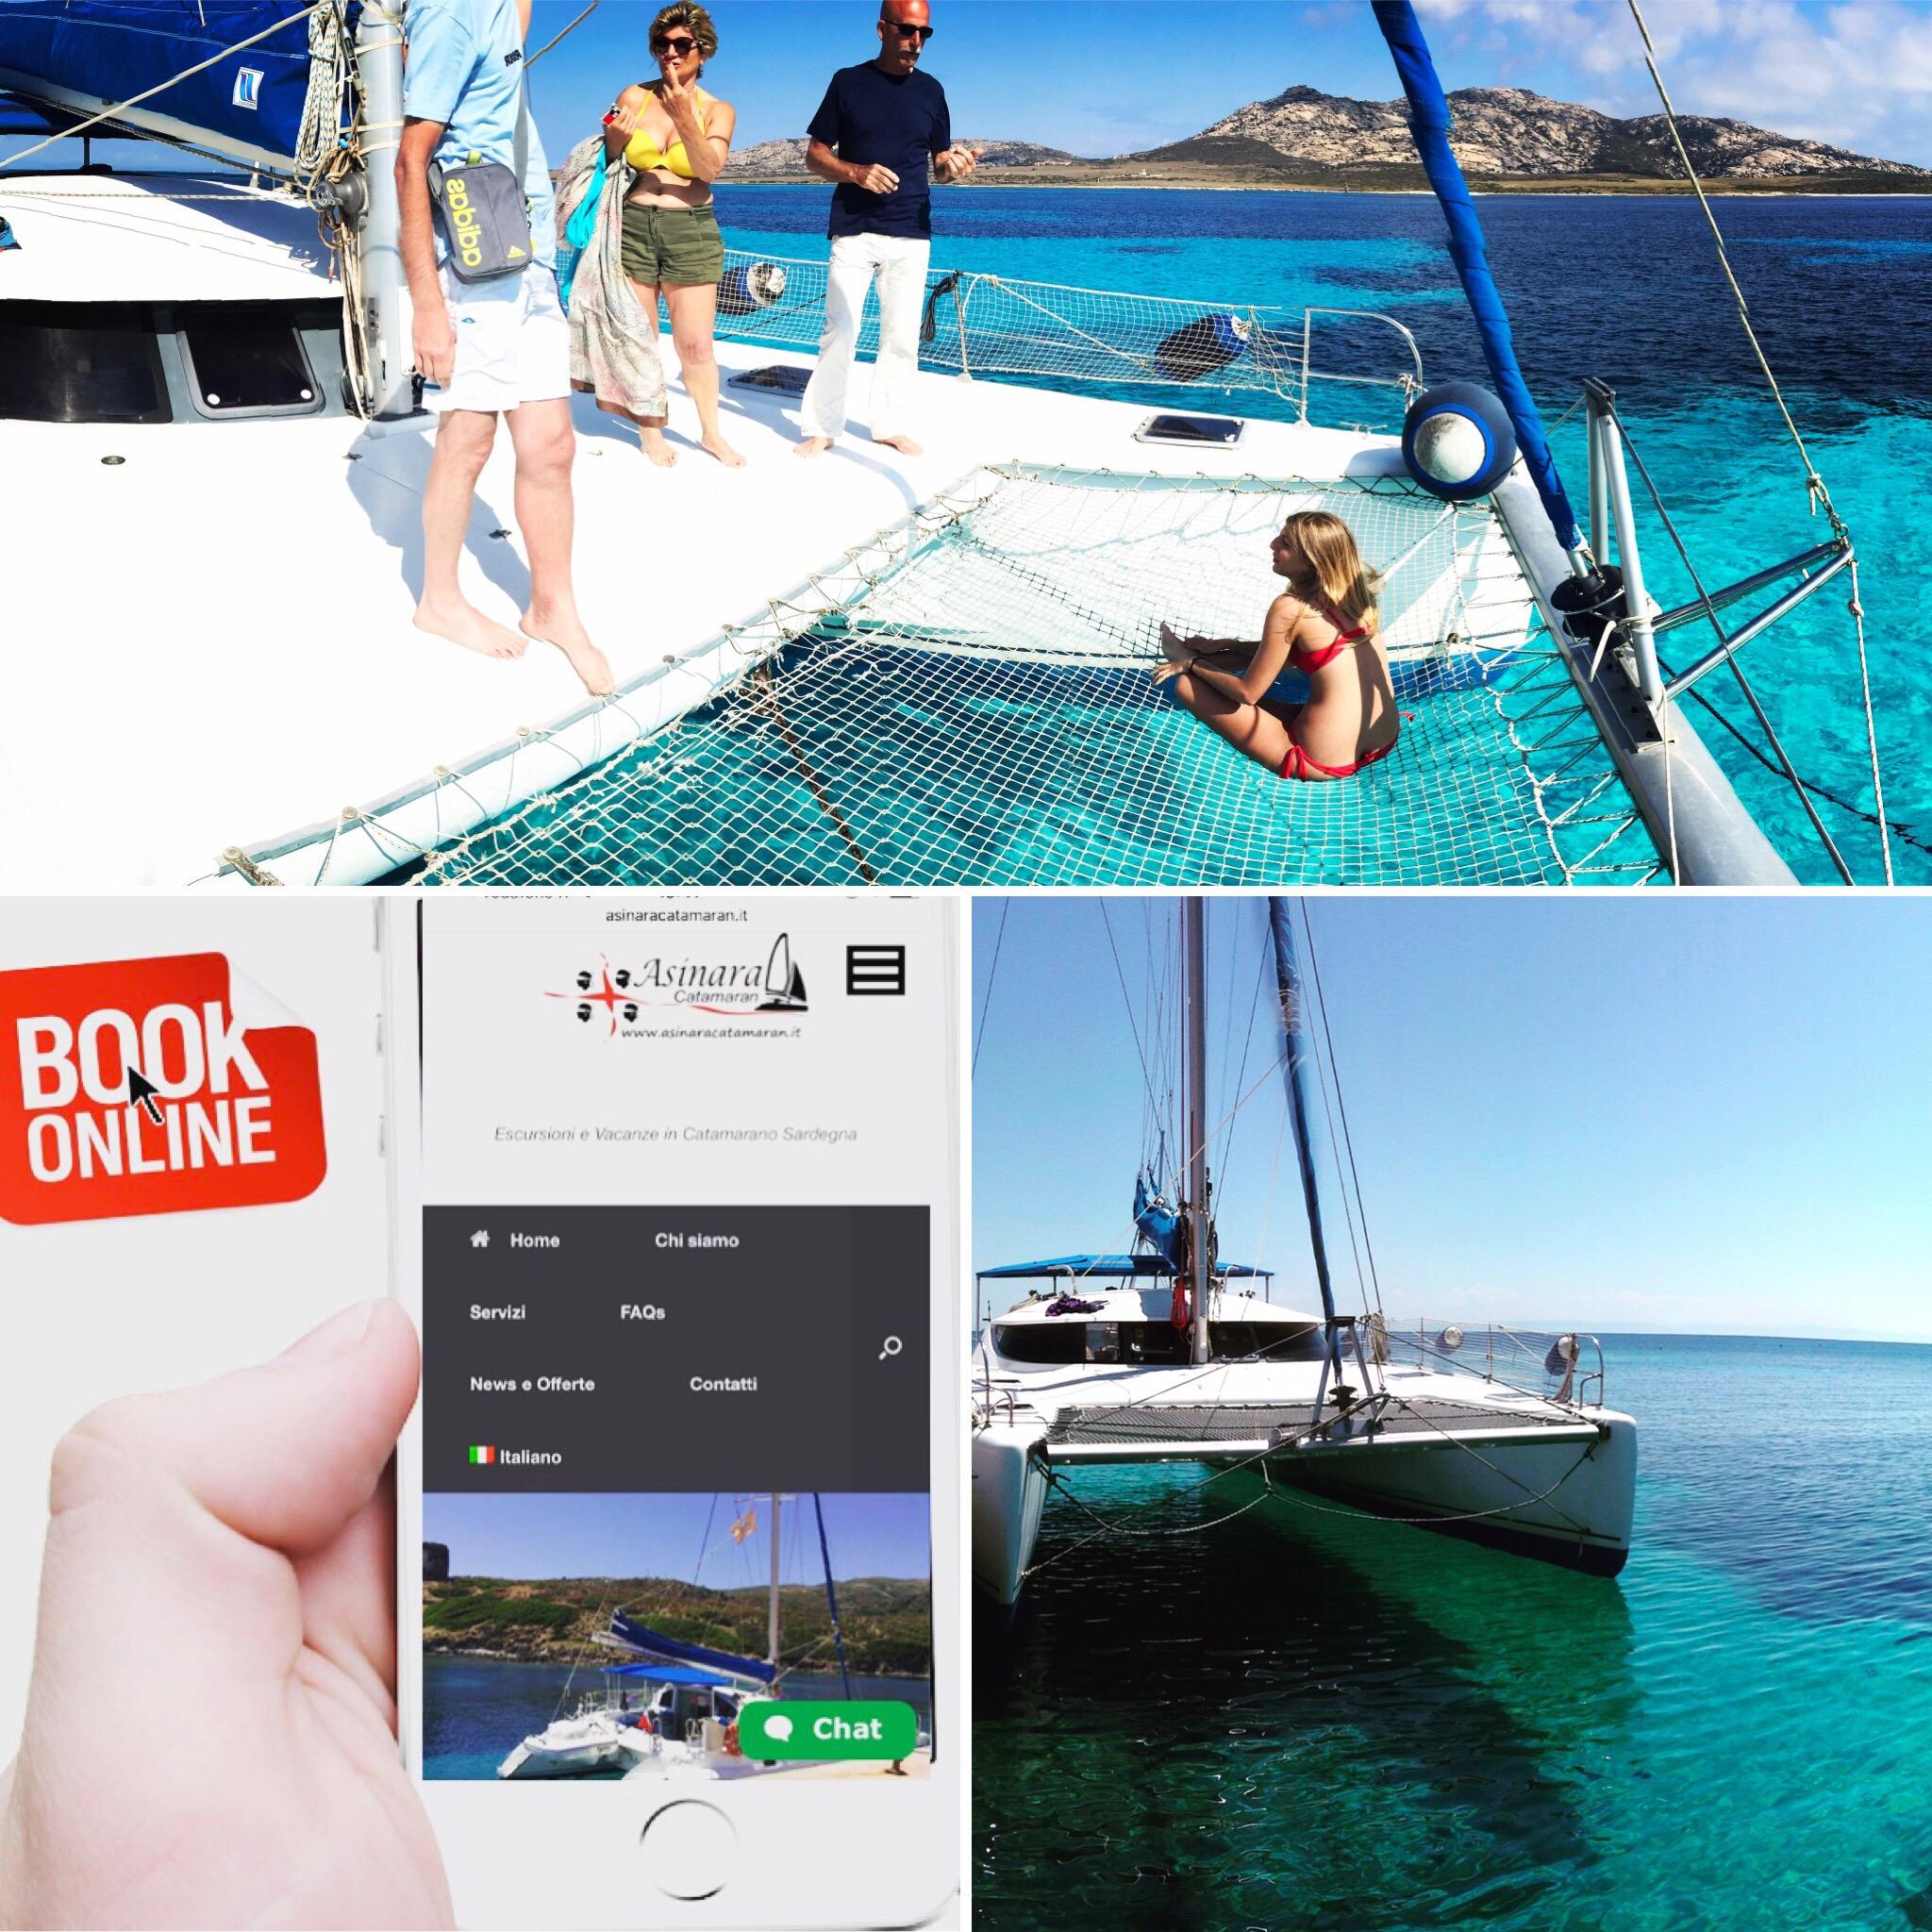 Prenotazione Vacanza in Catamarano e escursione all'Asinara